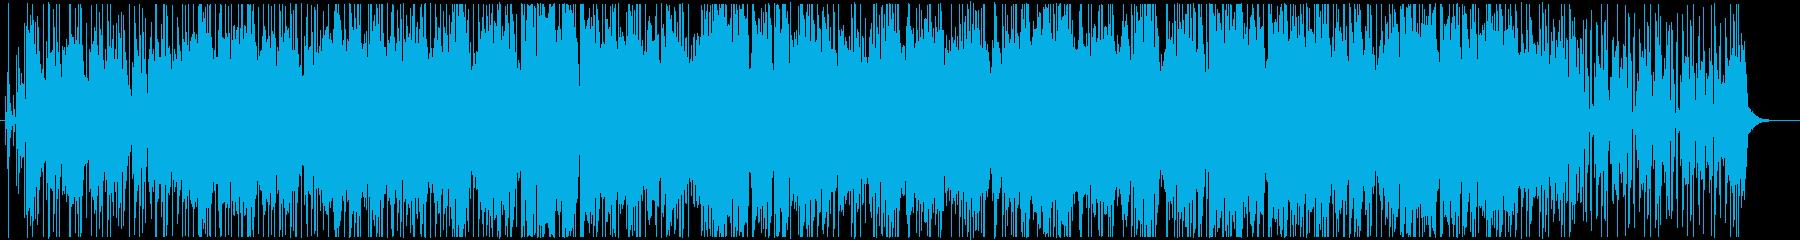 大人な雰囲気のBGMの再生済みの波形